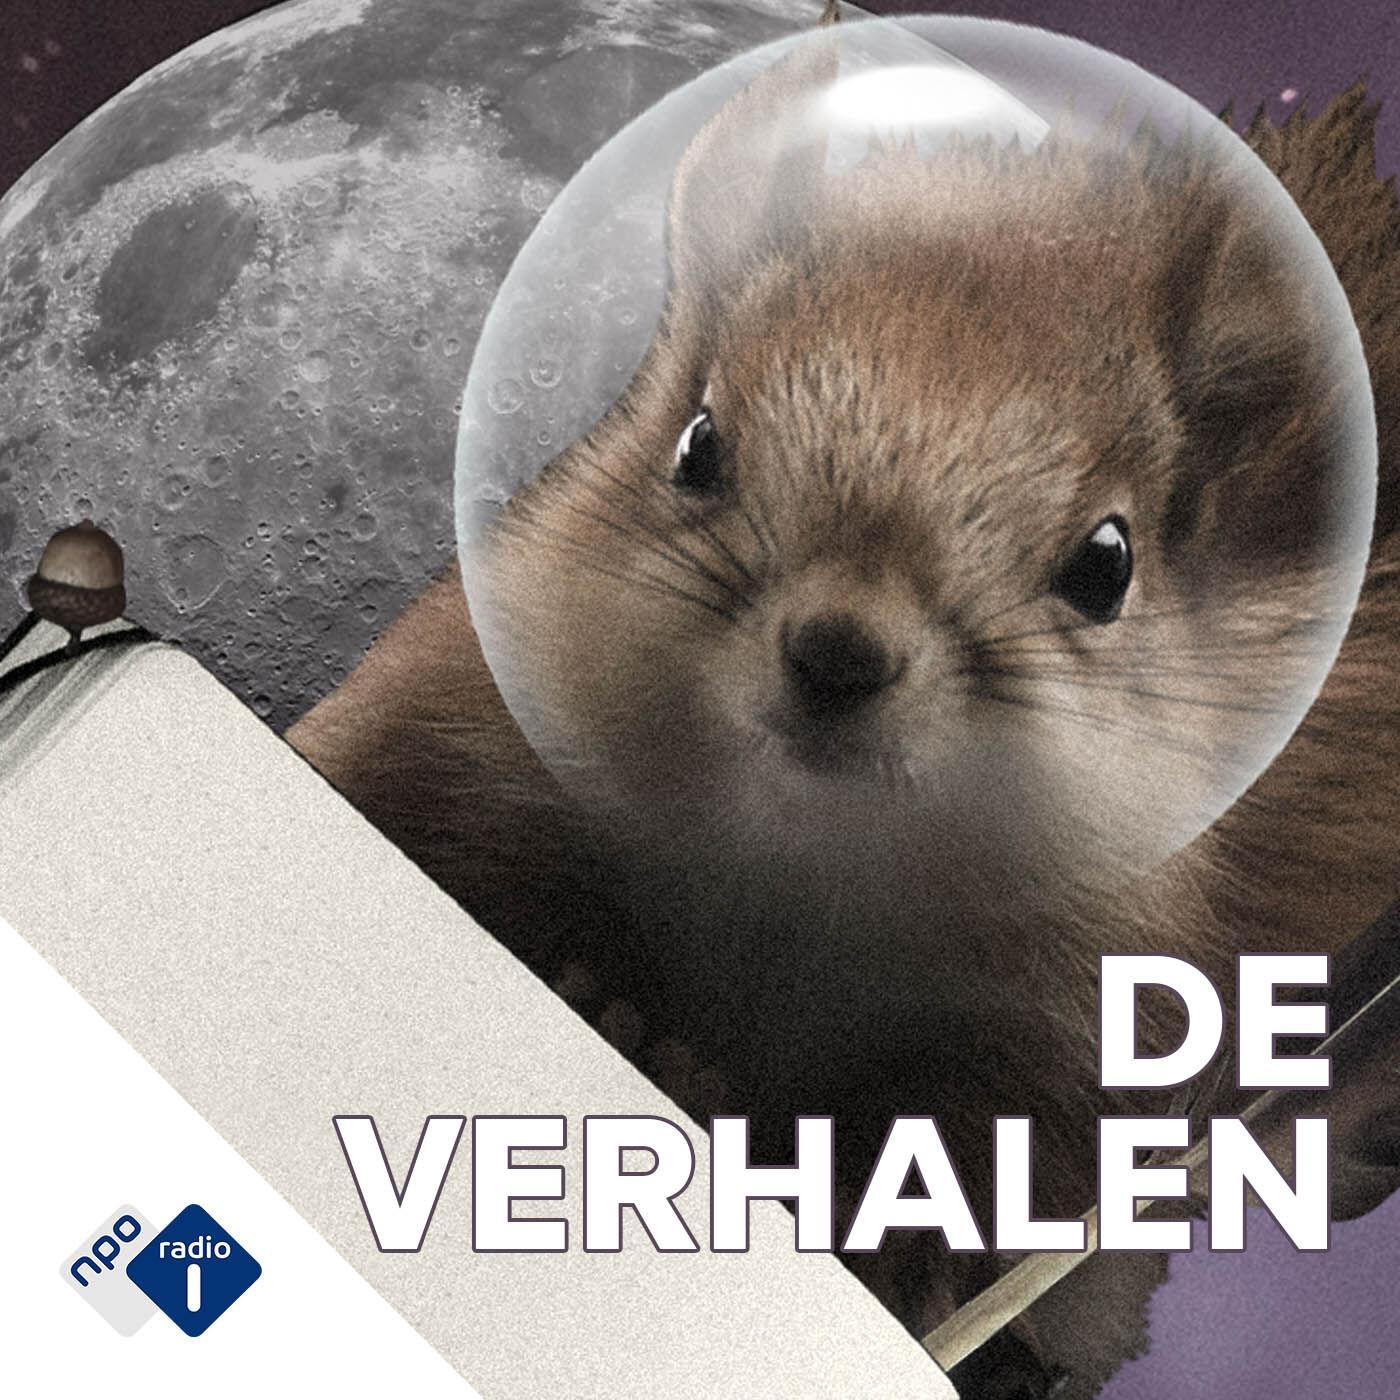 De Verhalen podcast show image